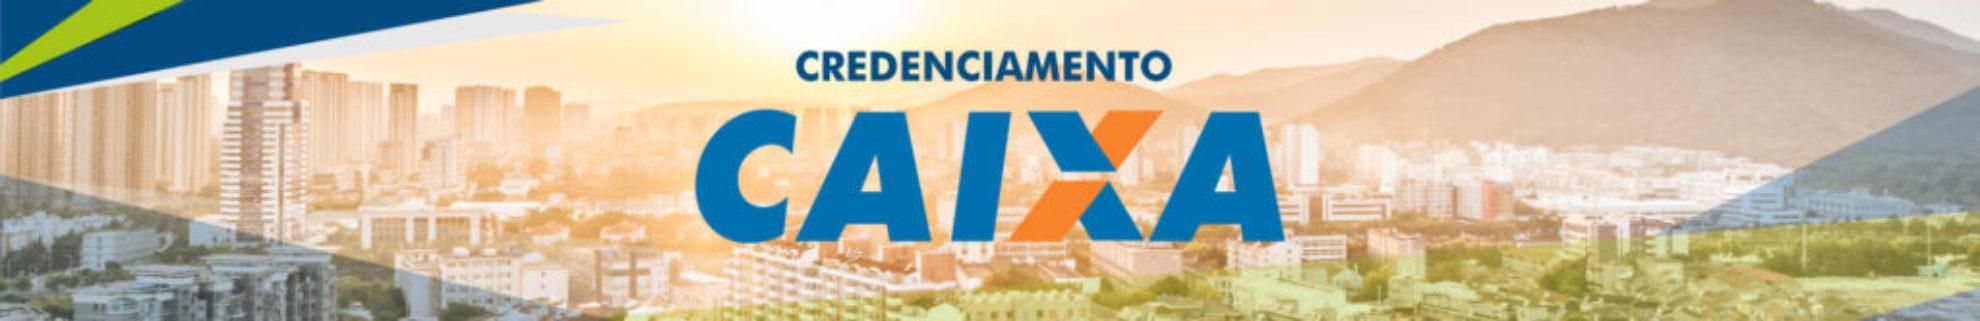 credenciamento-CAIXA_celular